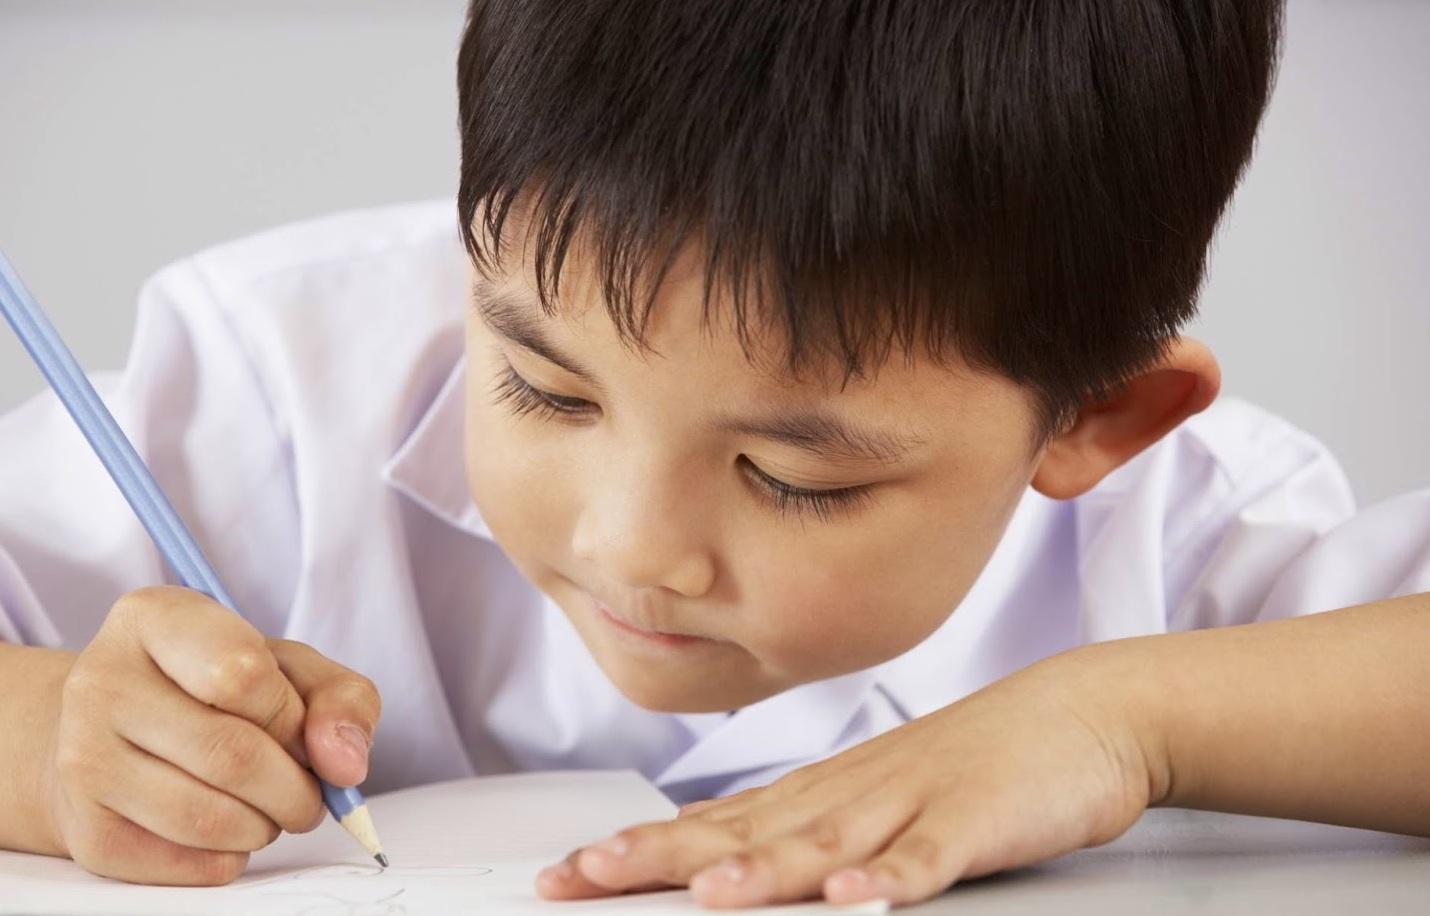 Исследуем показатели внимания ребёнка с помощью методики «Перепутанные линии»